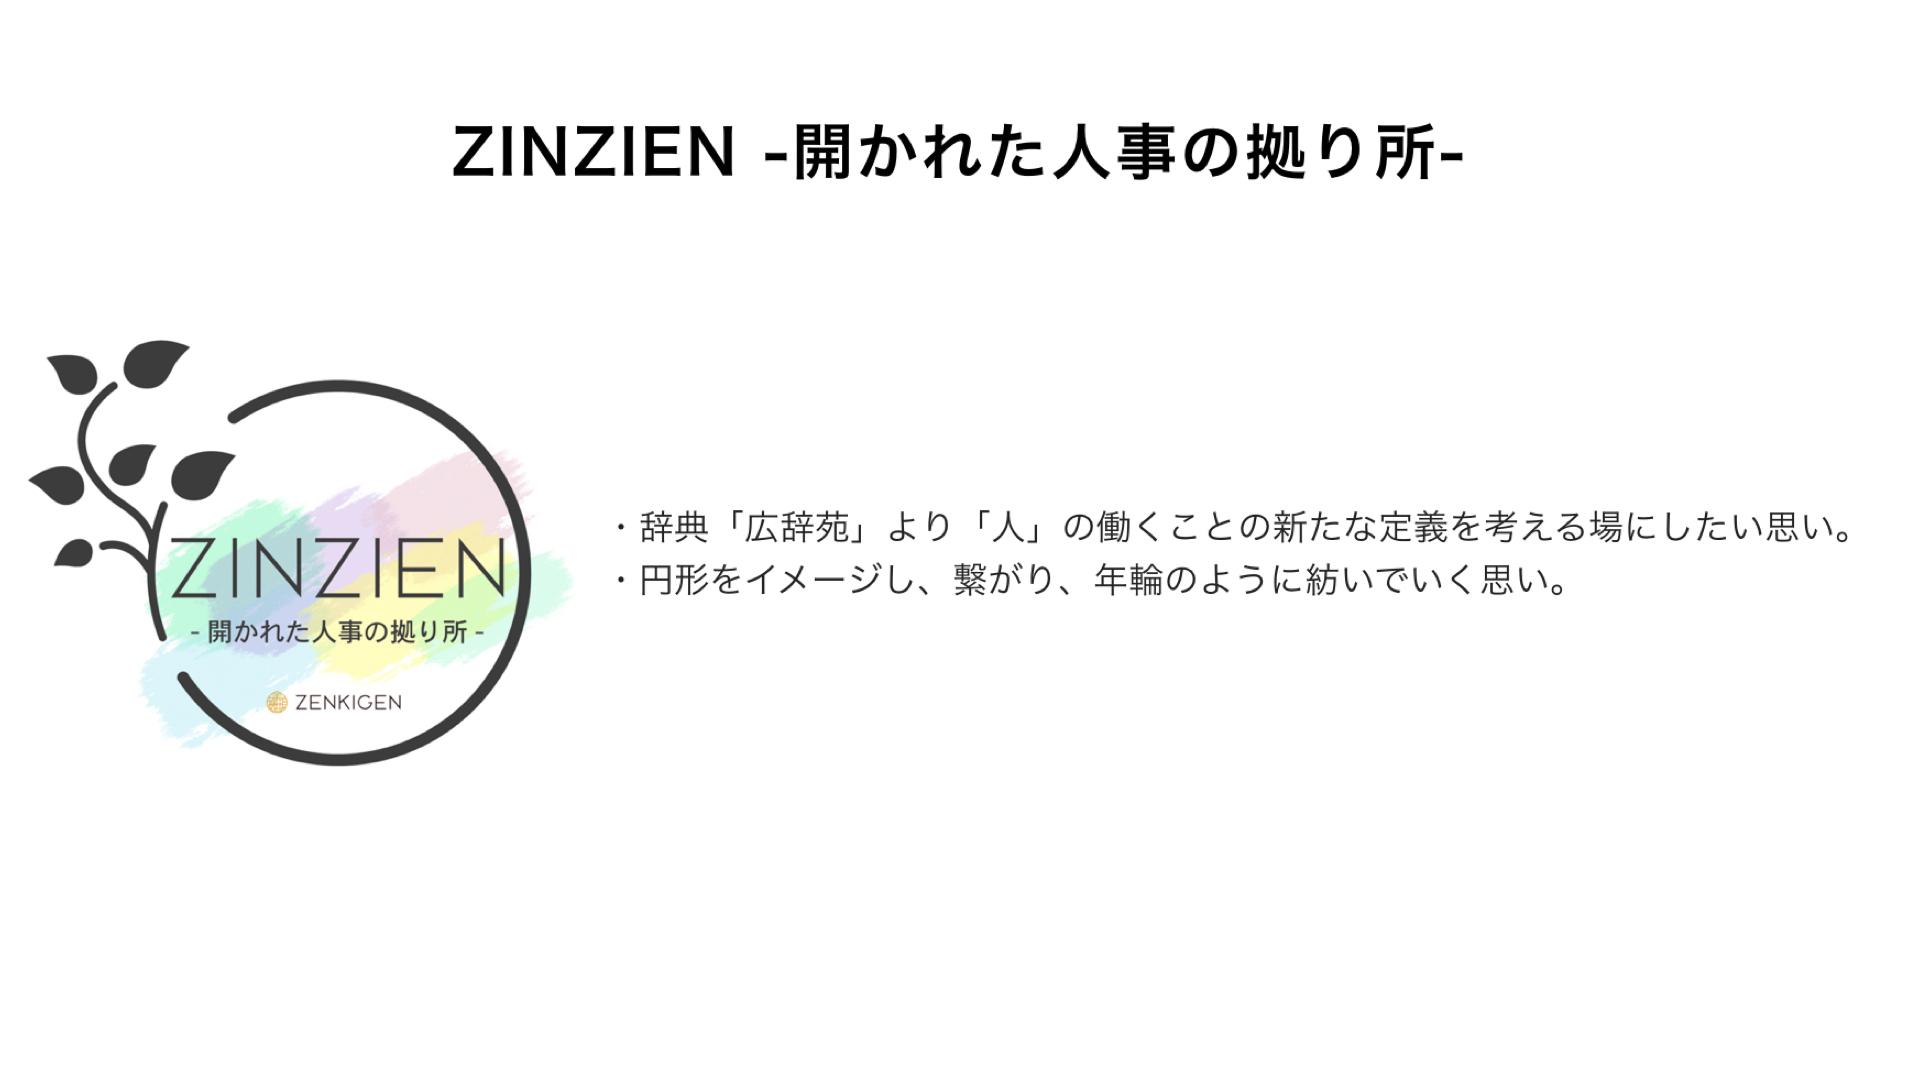 人事コミュニティ「ZINZIEN」創刊